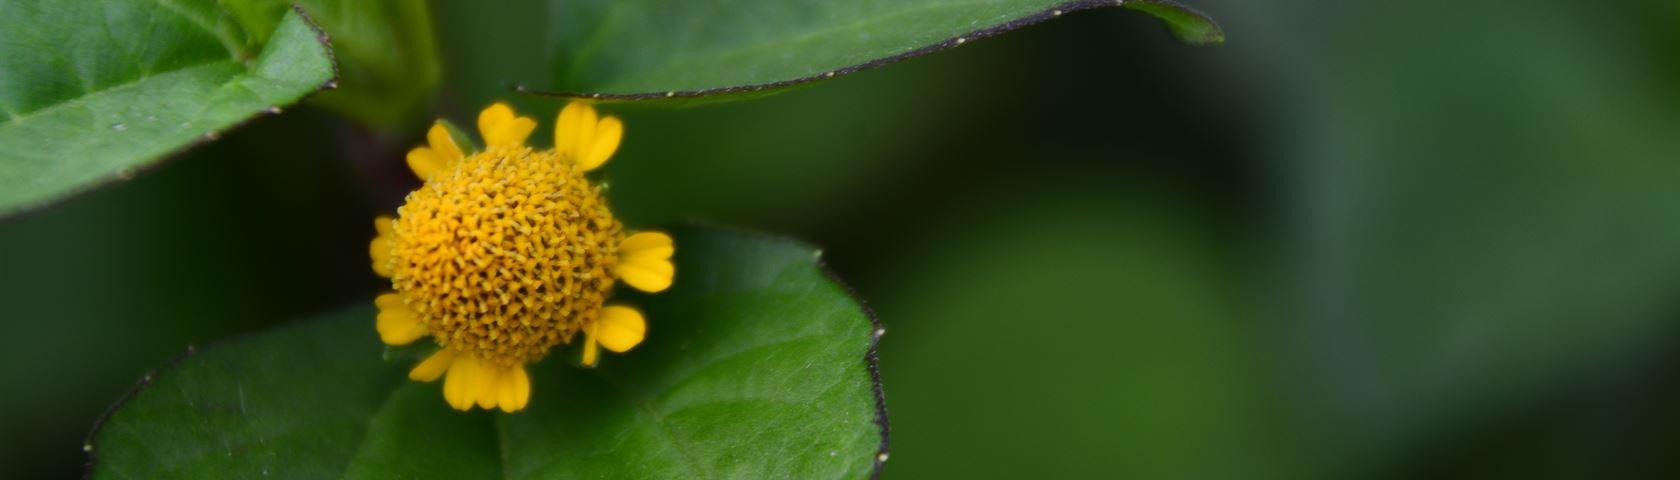 Married Flower